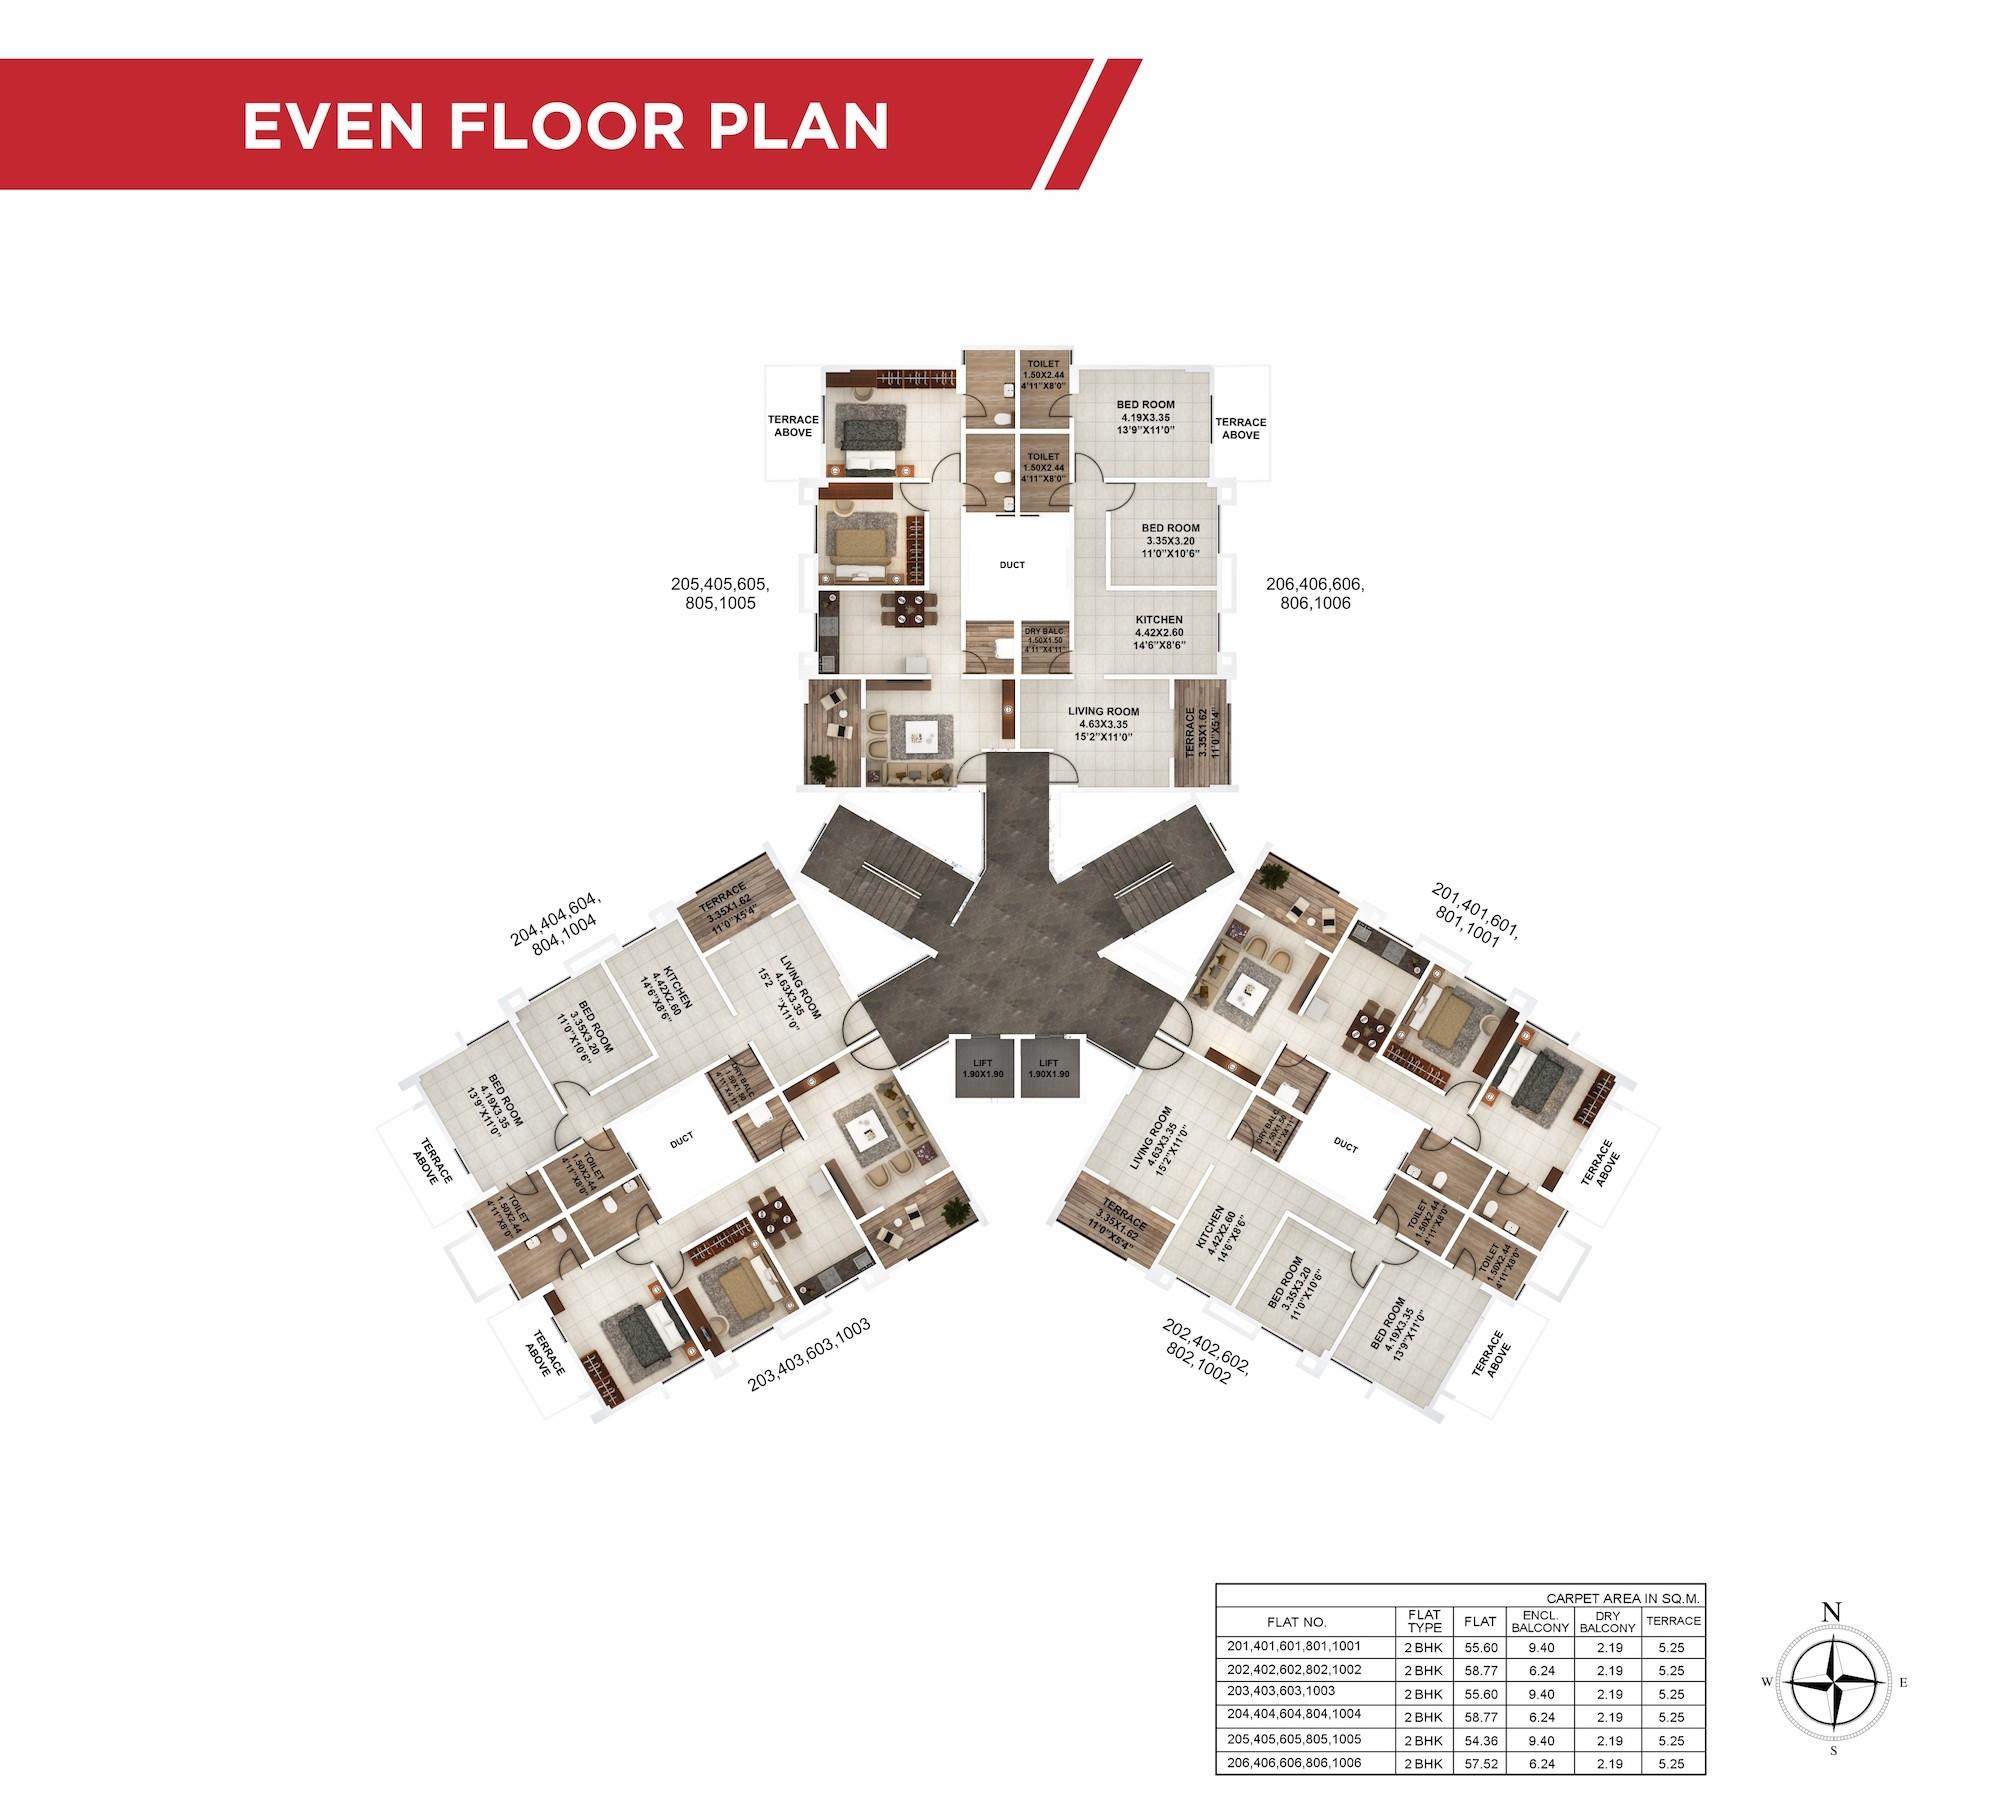 Palmcrest Even Floor Plan